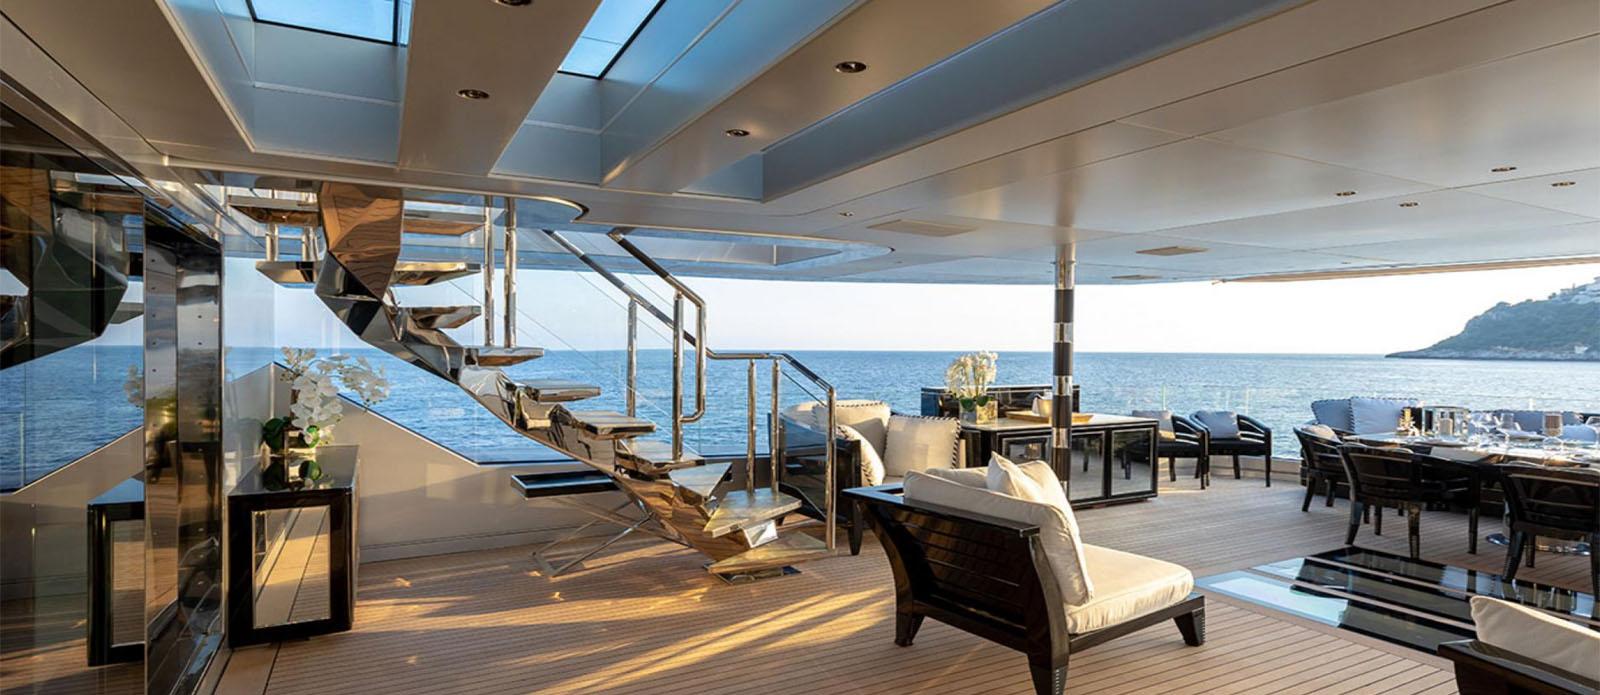 Sarastar -Main deck Exterior